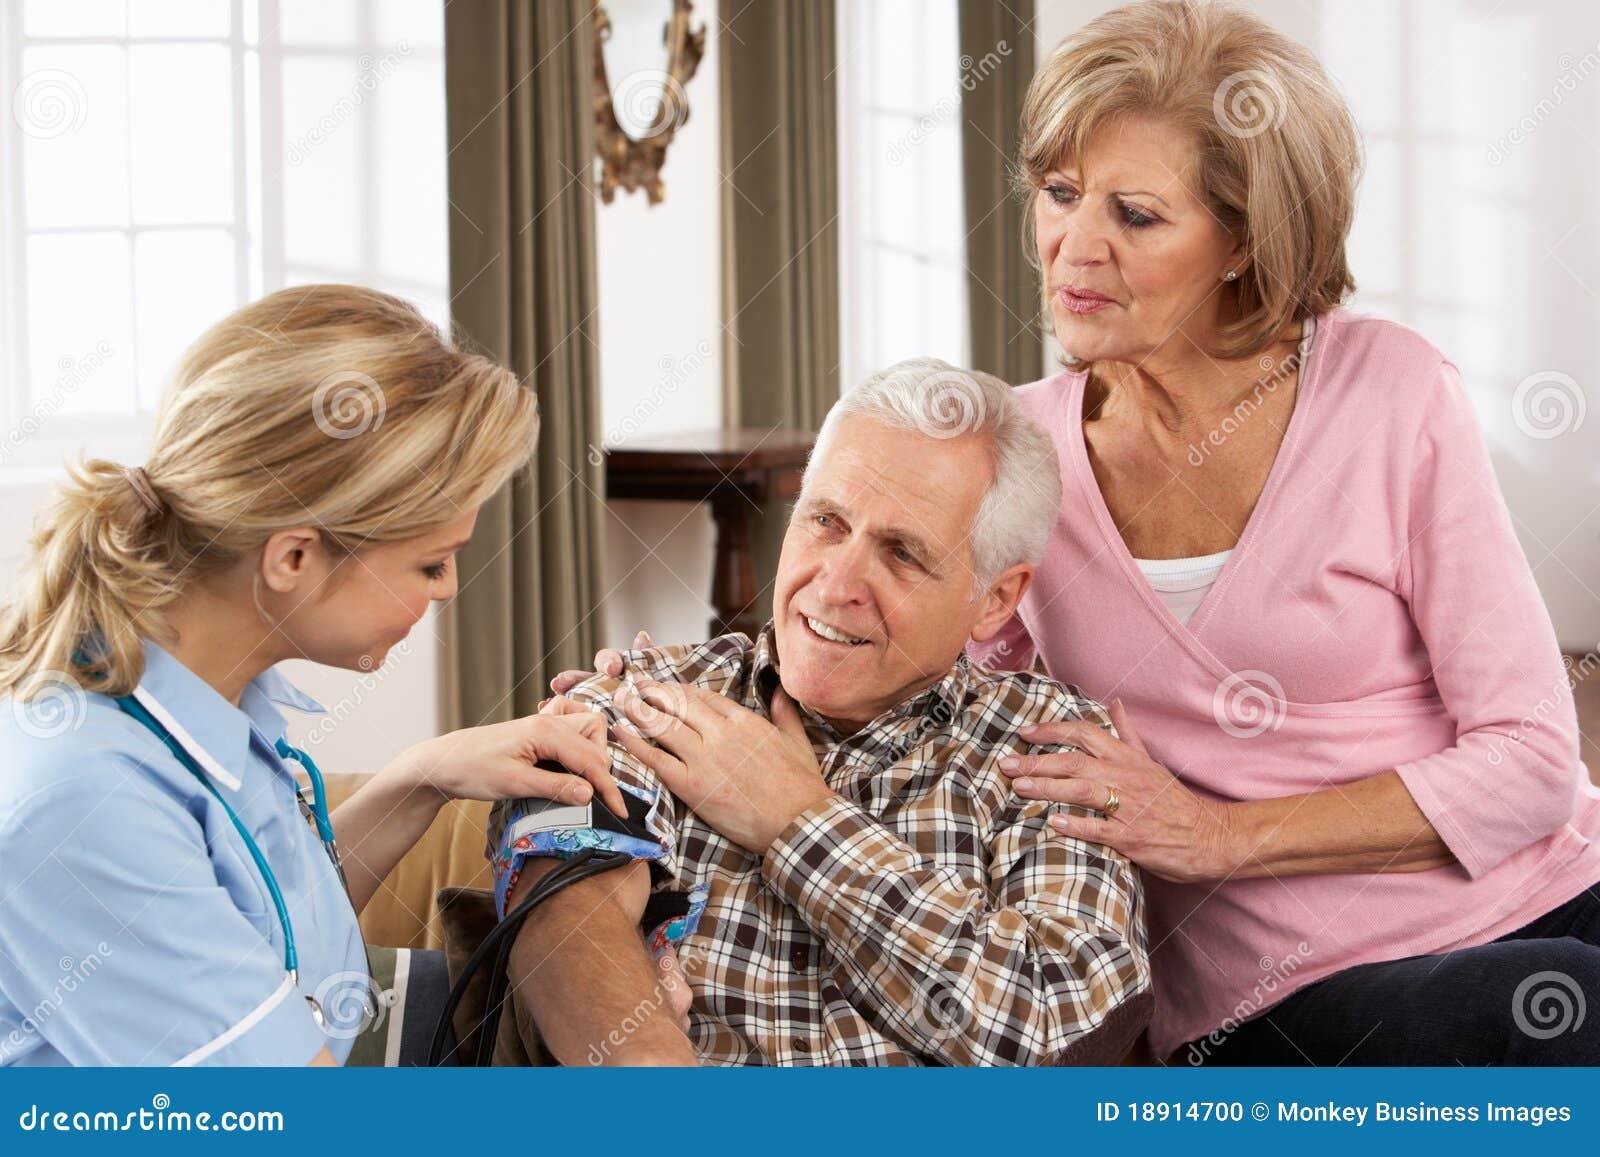 Visitante da saúde que toma a pressão sanguínea de homem sênior